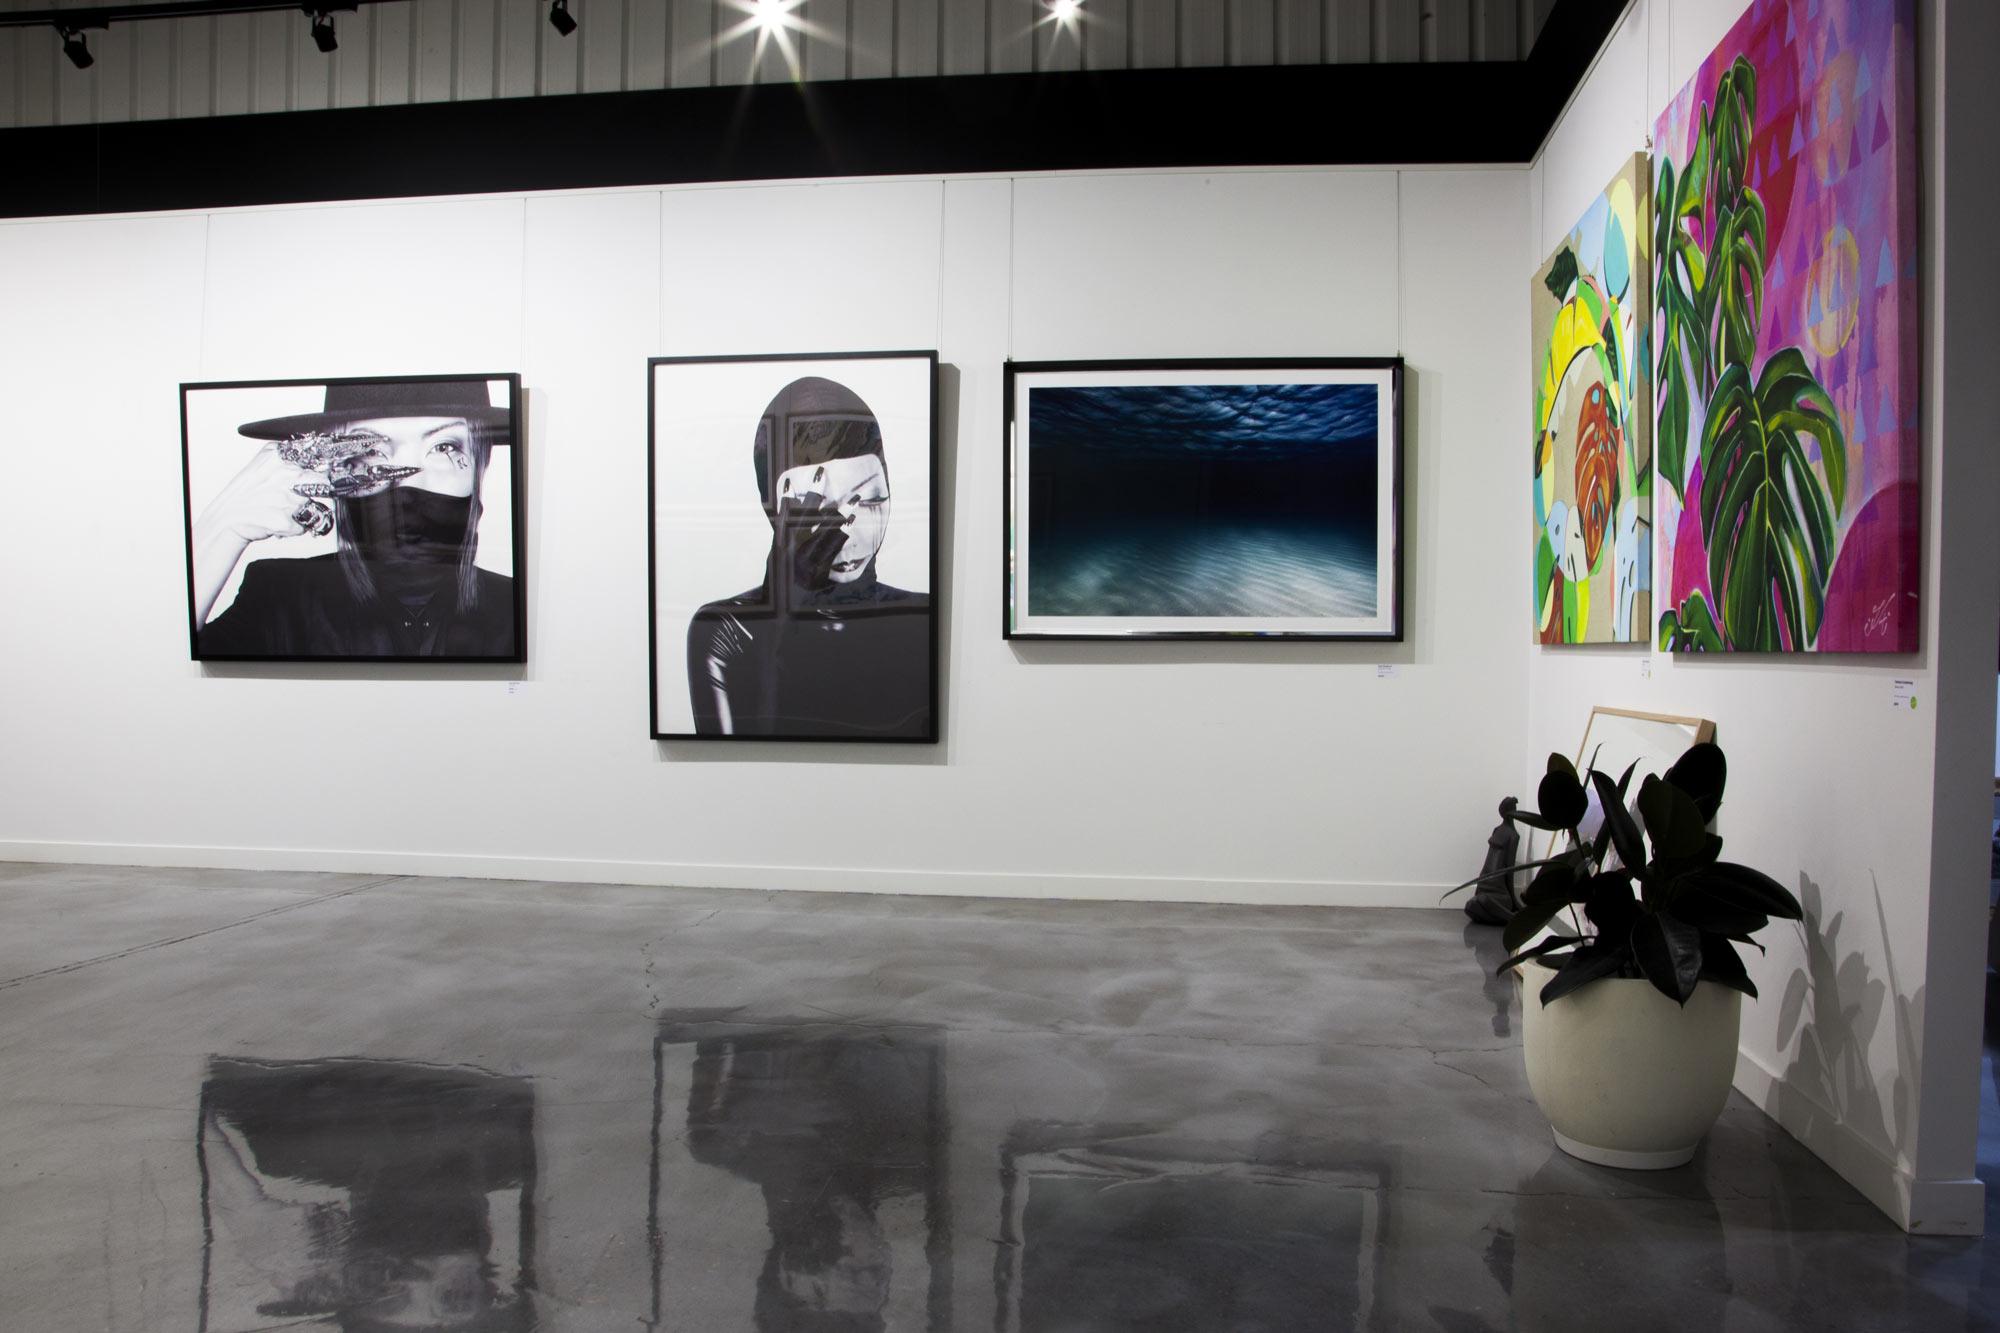 galleryspace2-lores.jpg